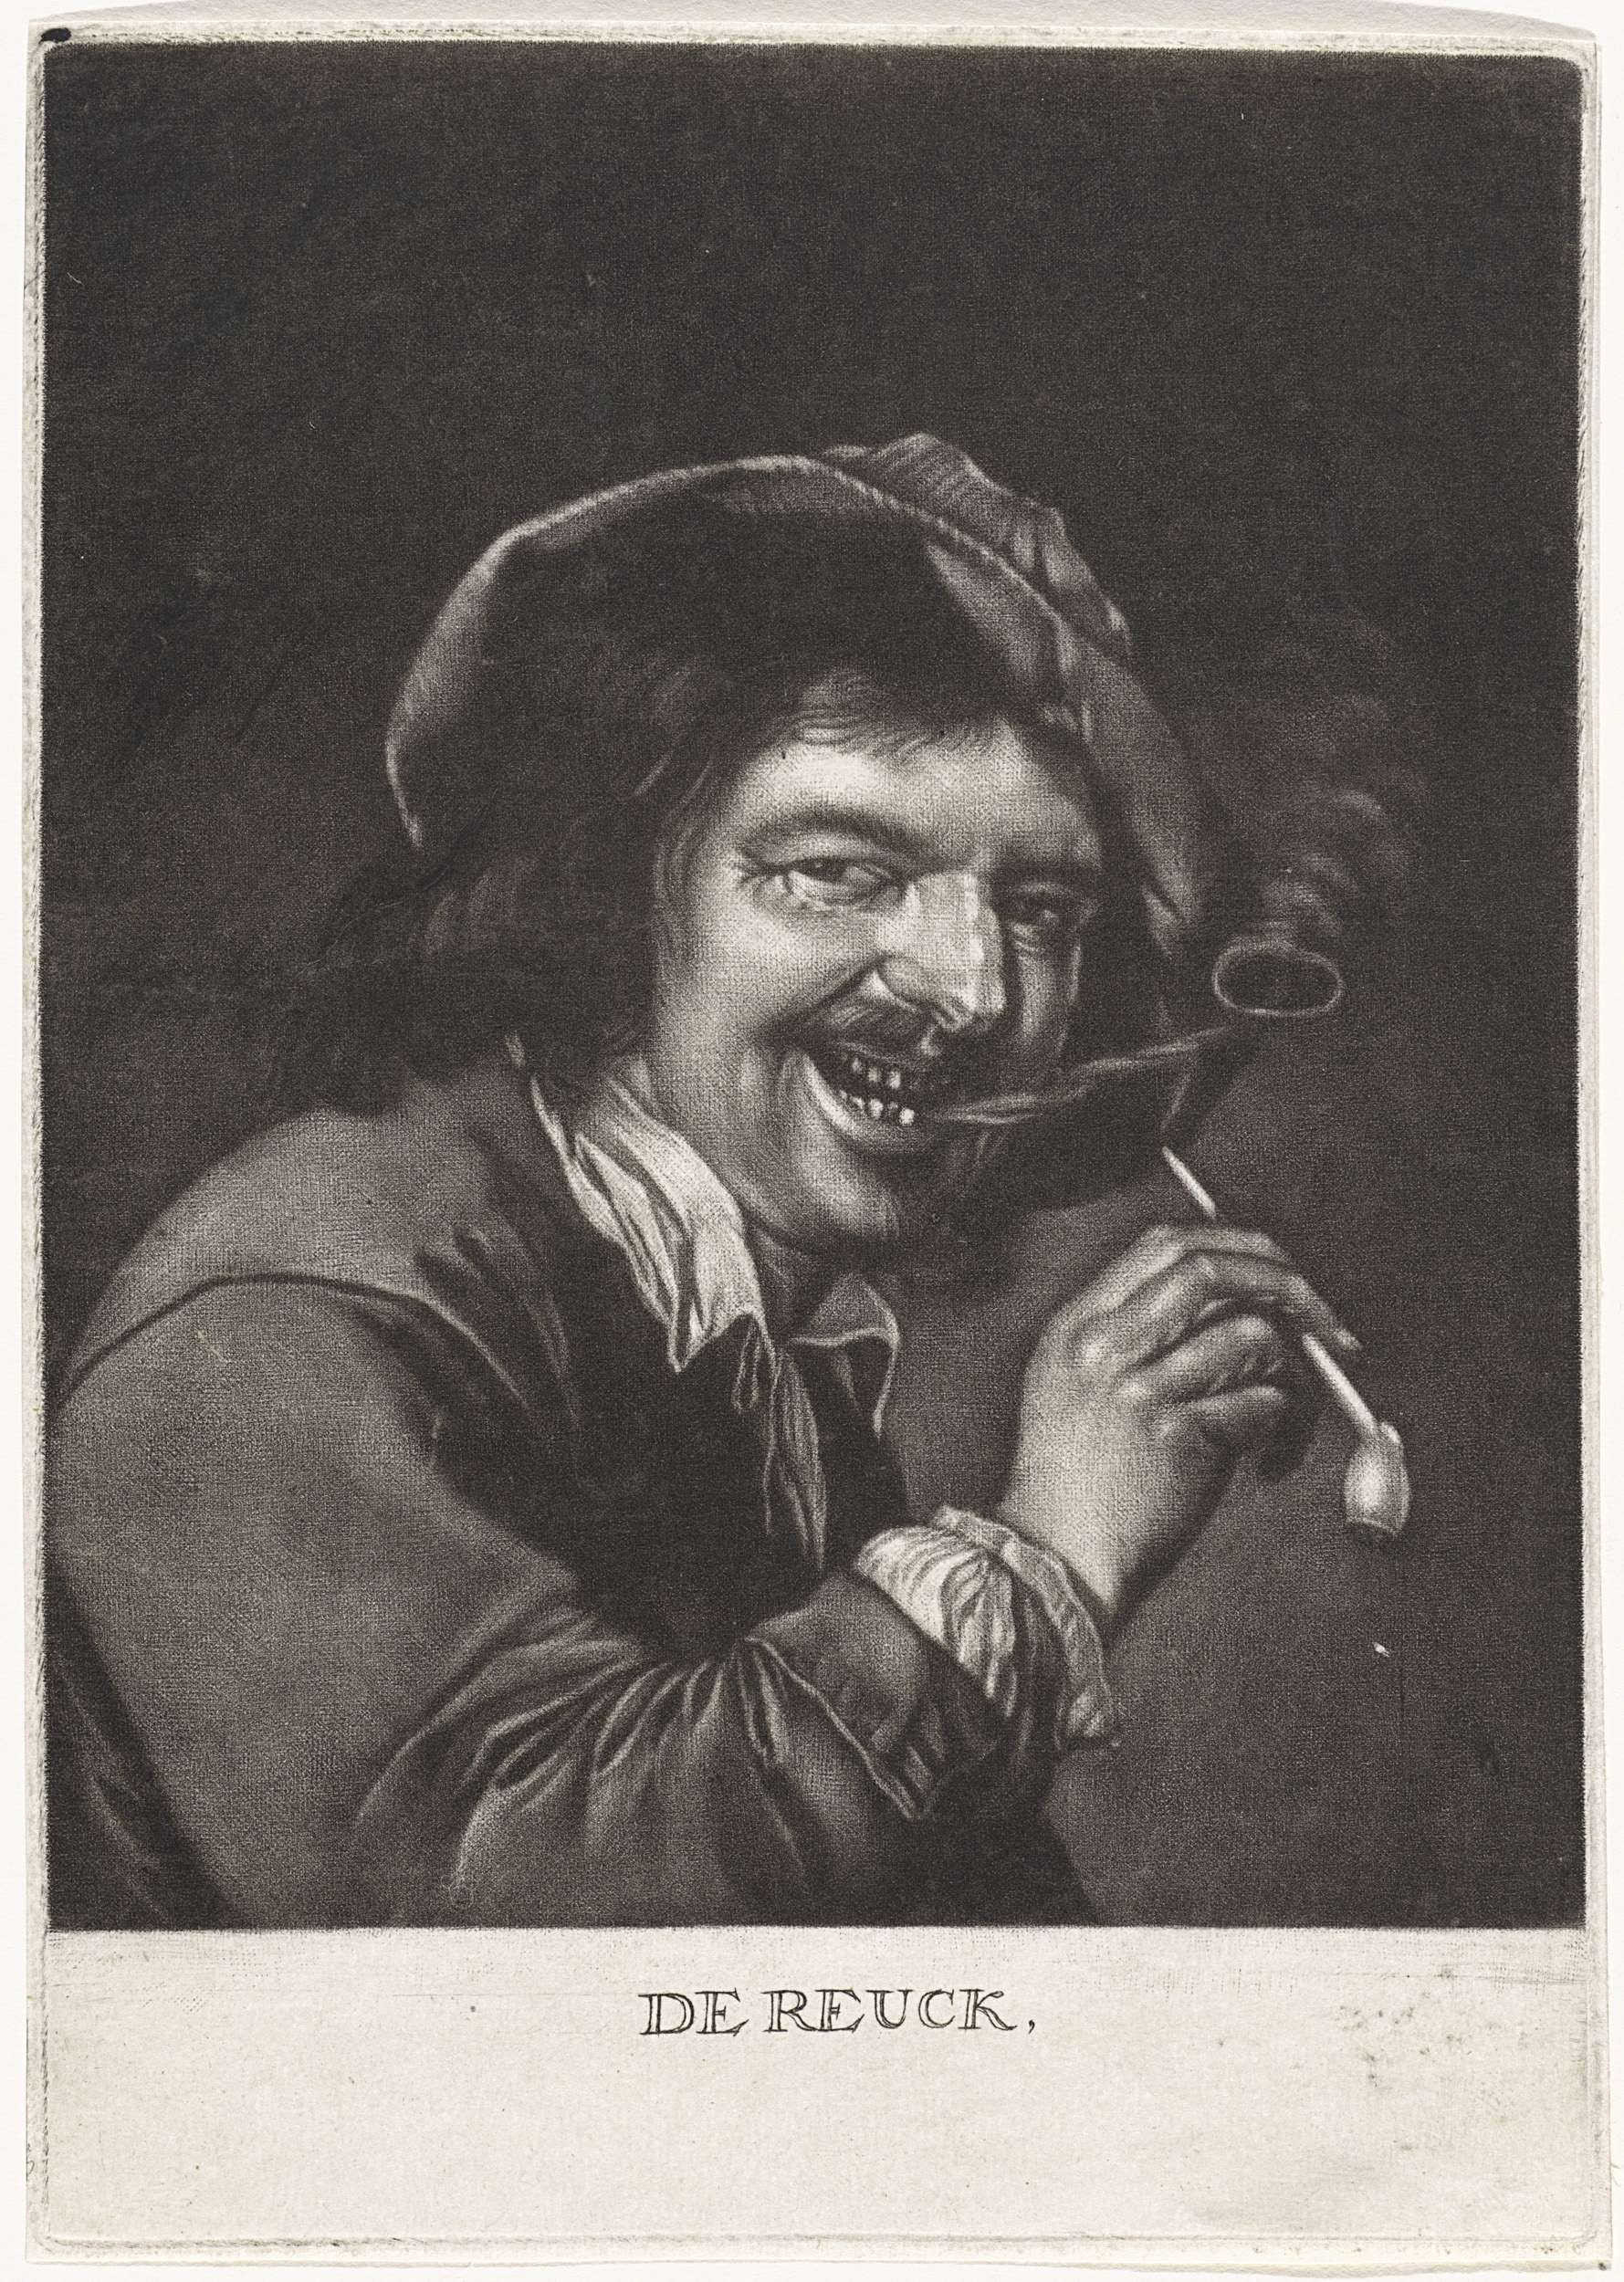 Pieter Schenk (I) | De Reuk, Pieter Schenk (I), Petrus Staverenus, 1670 - 1713 | Het zintuig Reuk. Een man rookt een pijp en blaast een ring van rook uit. De prent maakt deel uit van een serie met de vijf zintuigen.